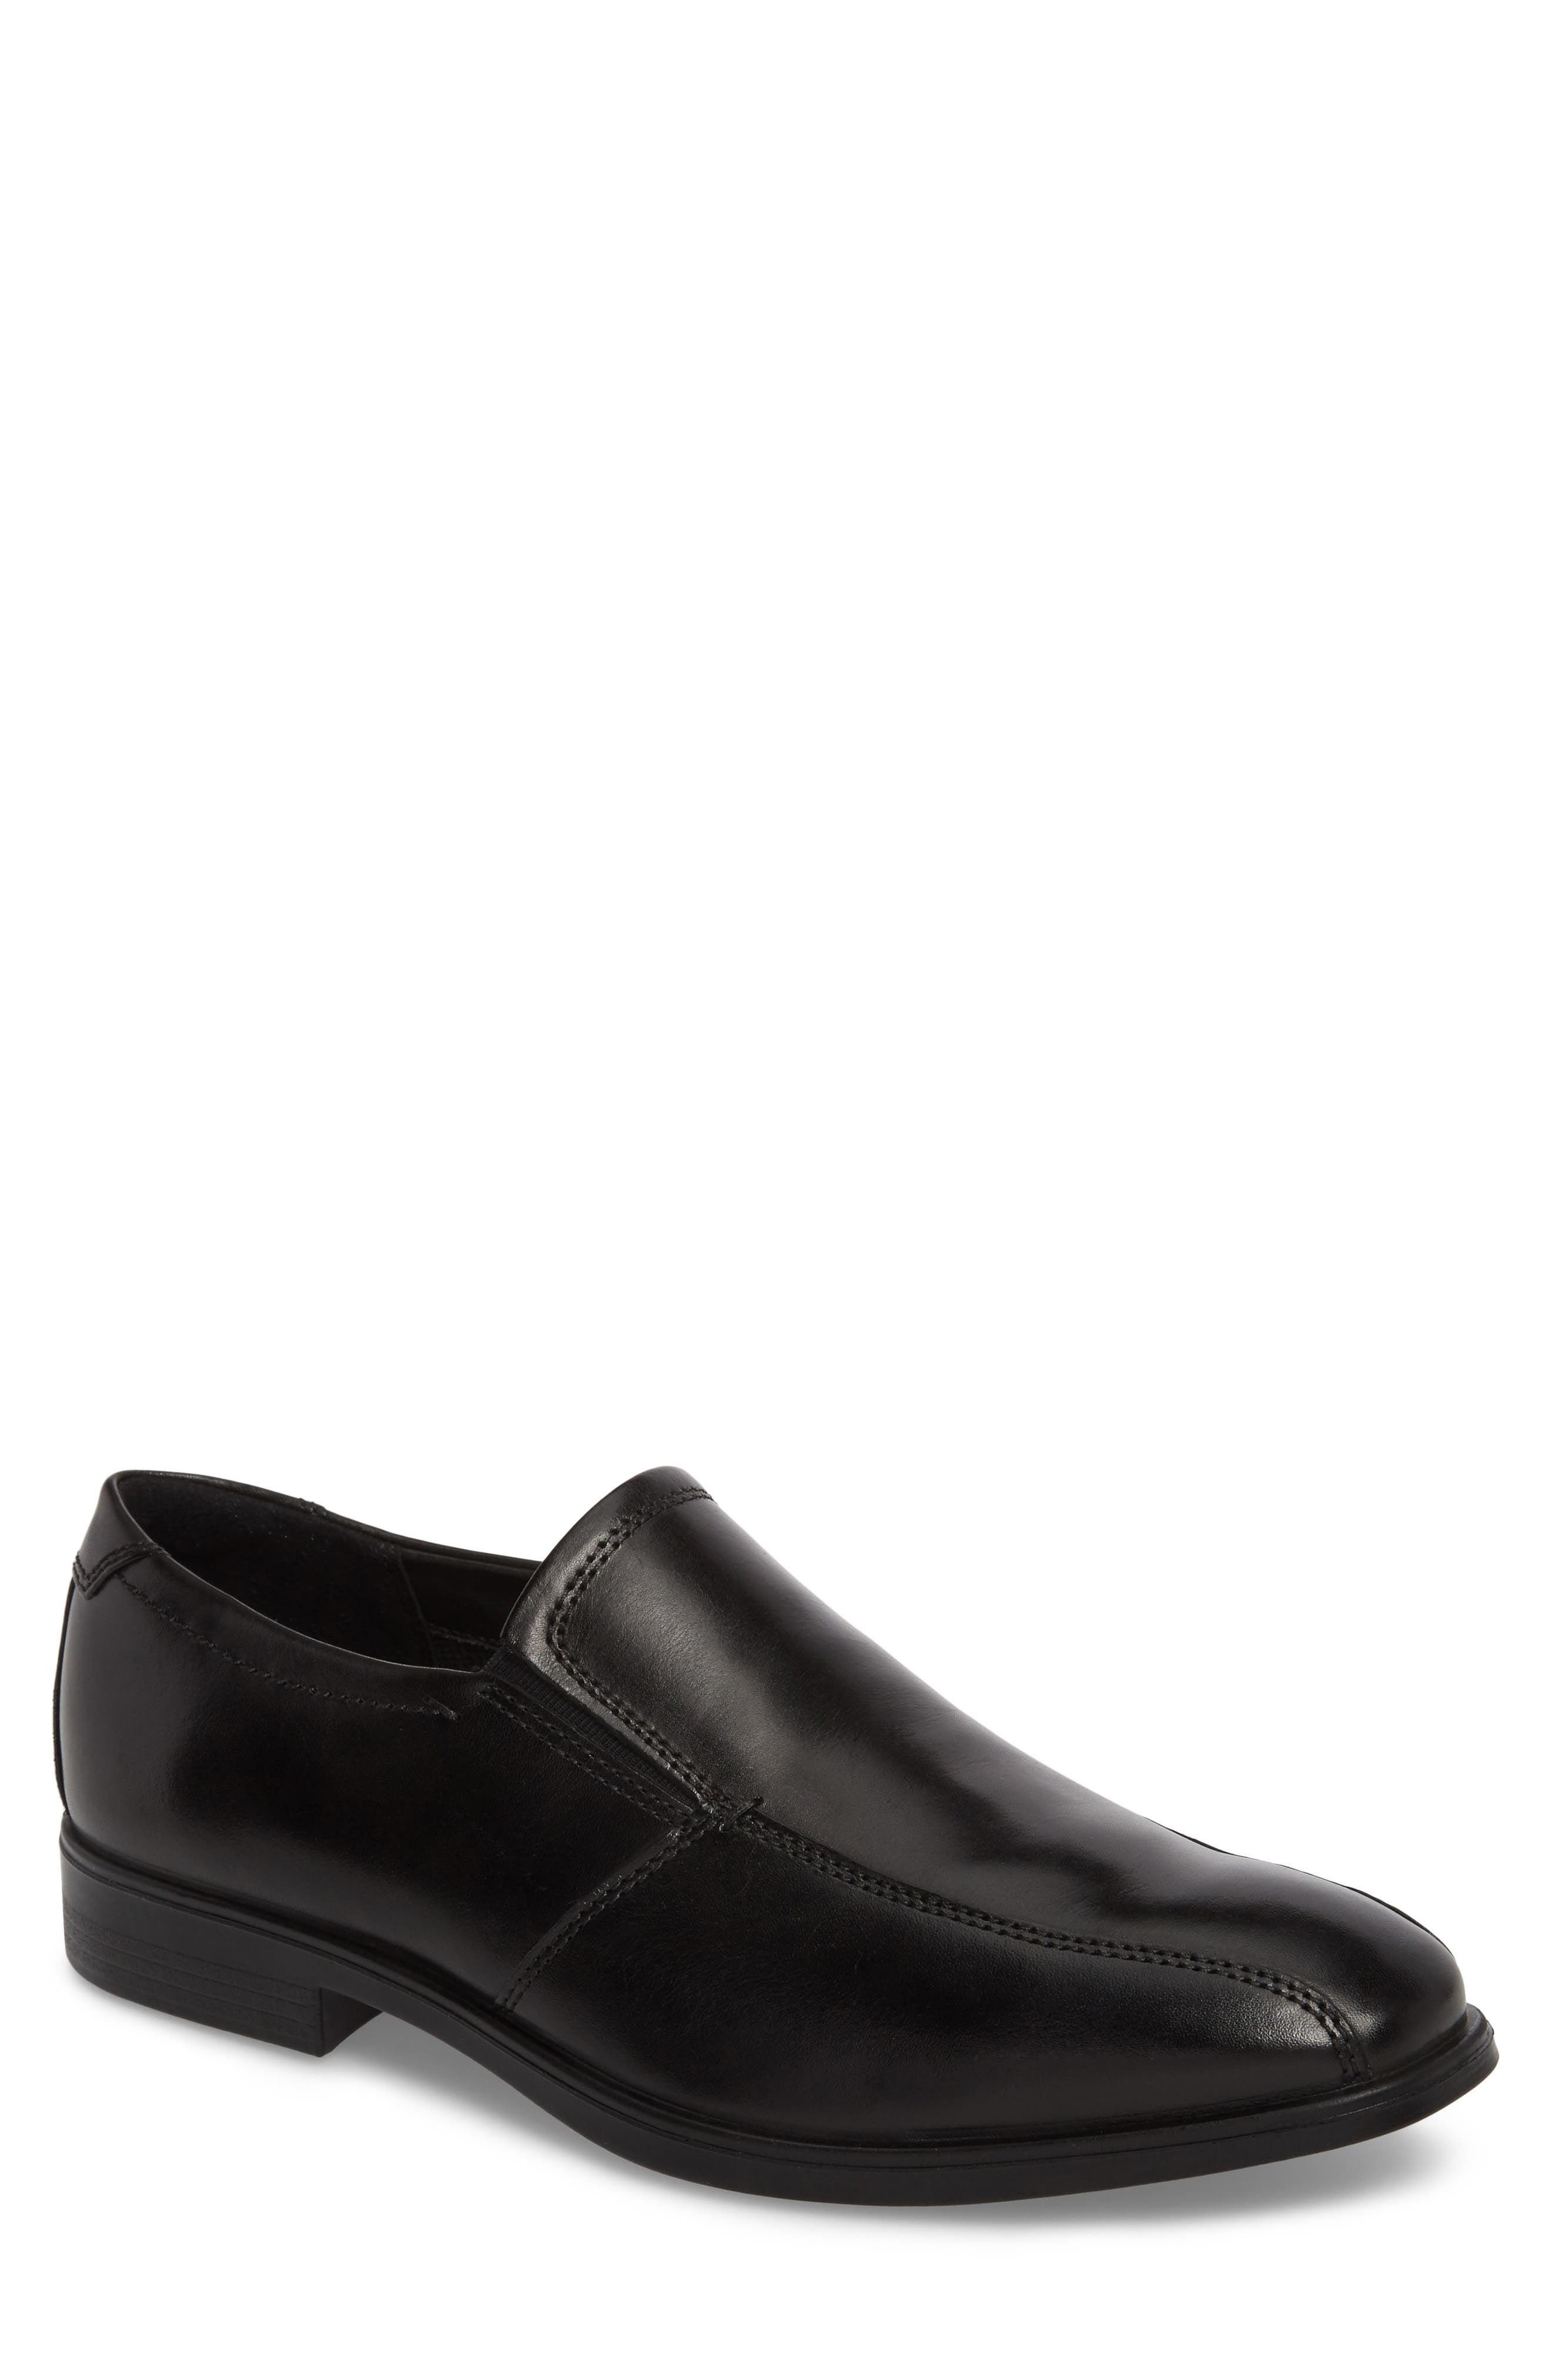 Melbourne Venetian Loafer,                         Main,                         color, Black Leather